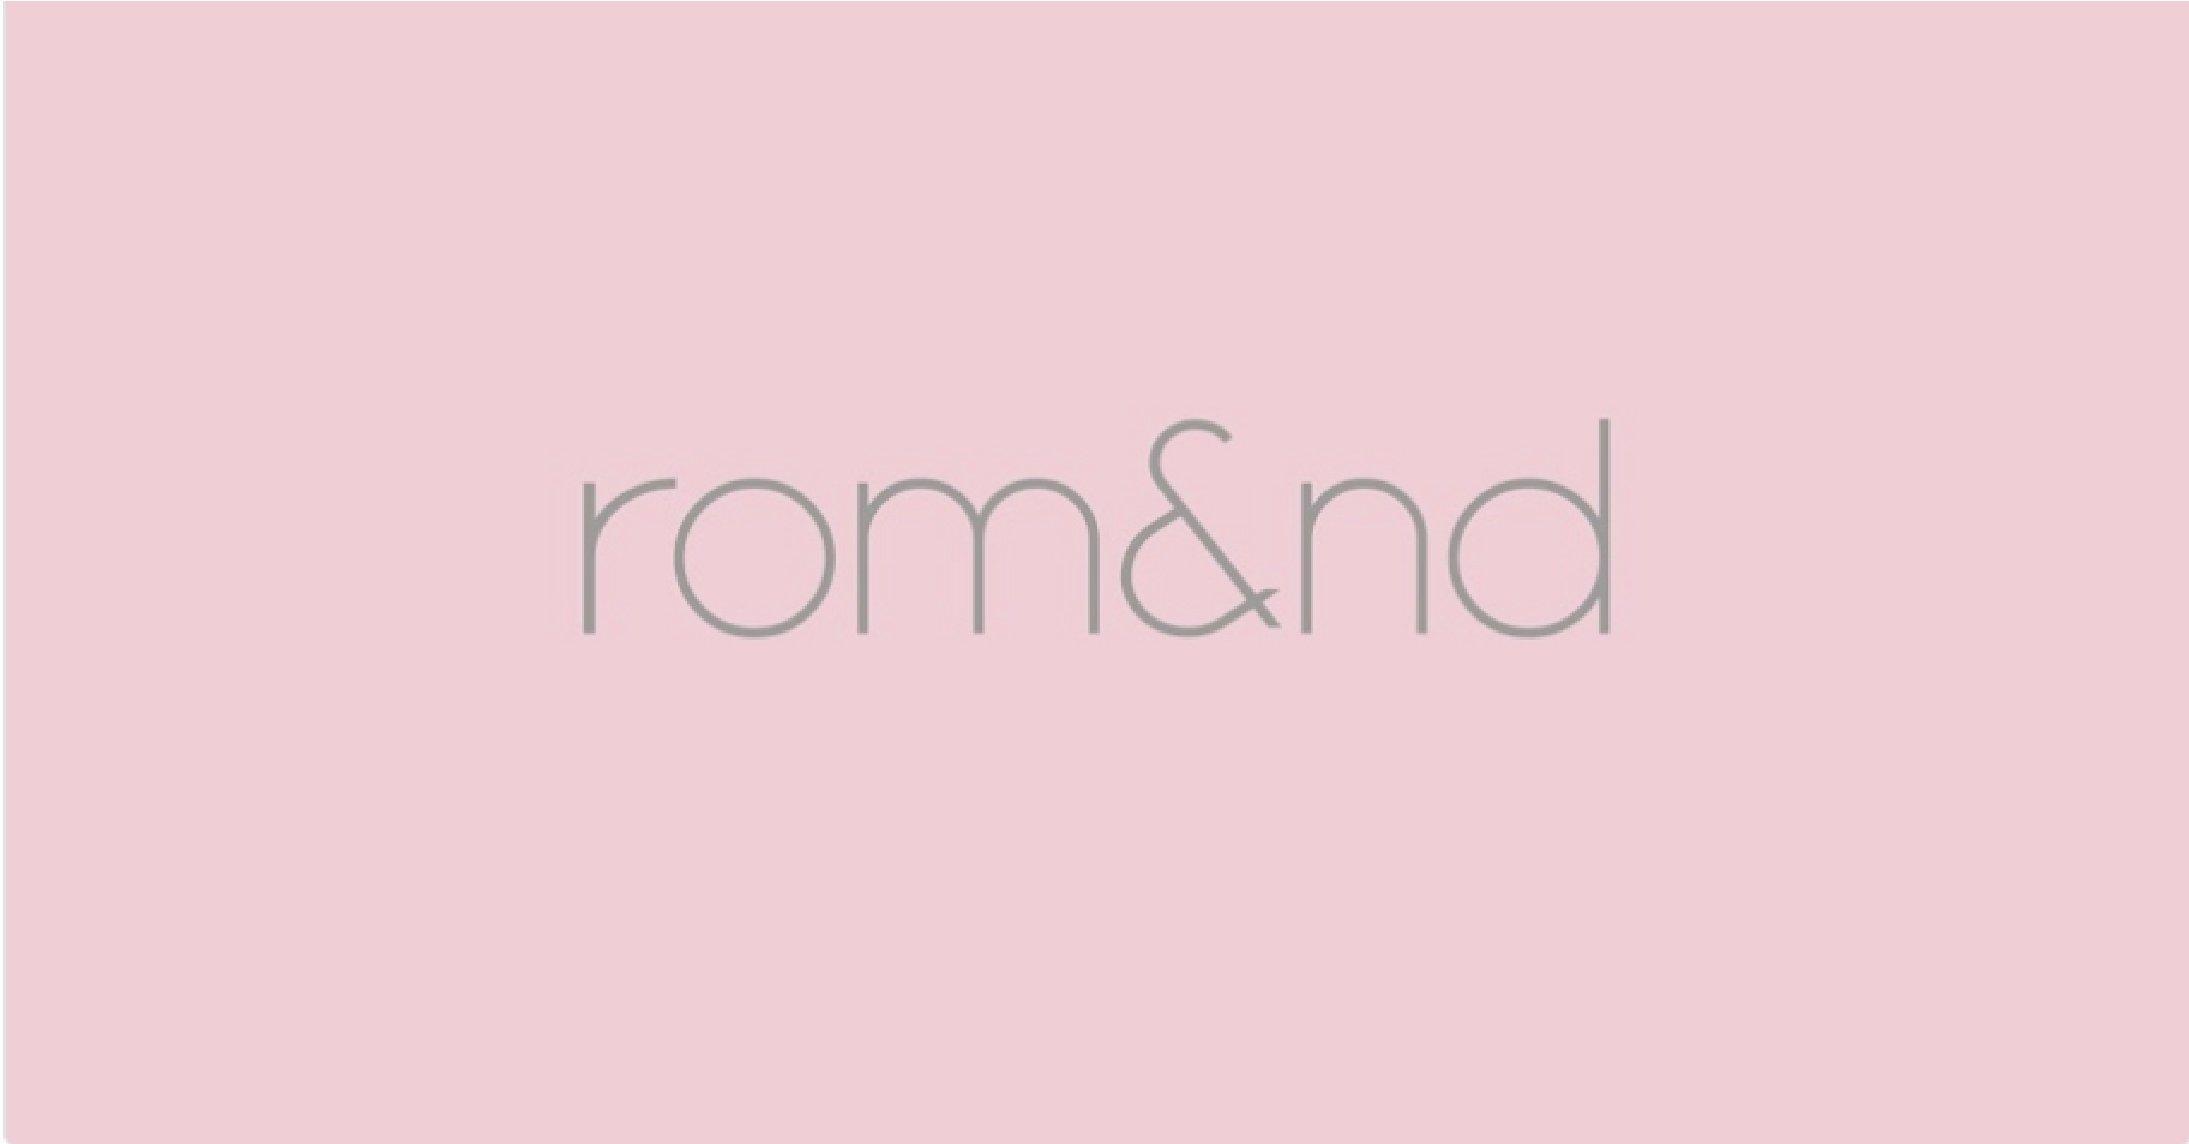 Logo thương hiệu Romand (nguồn: Internet)